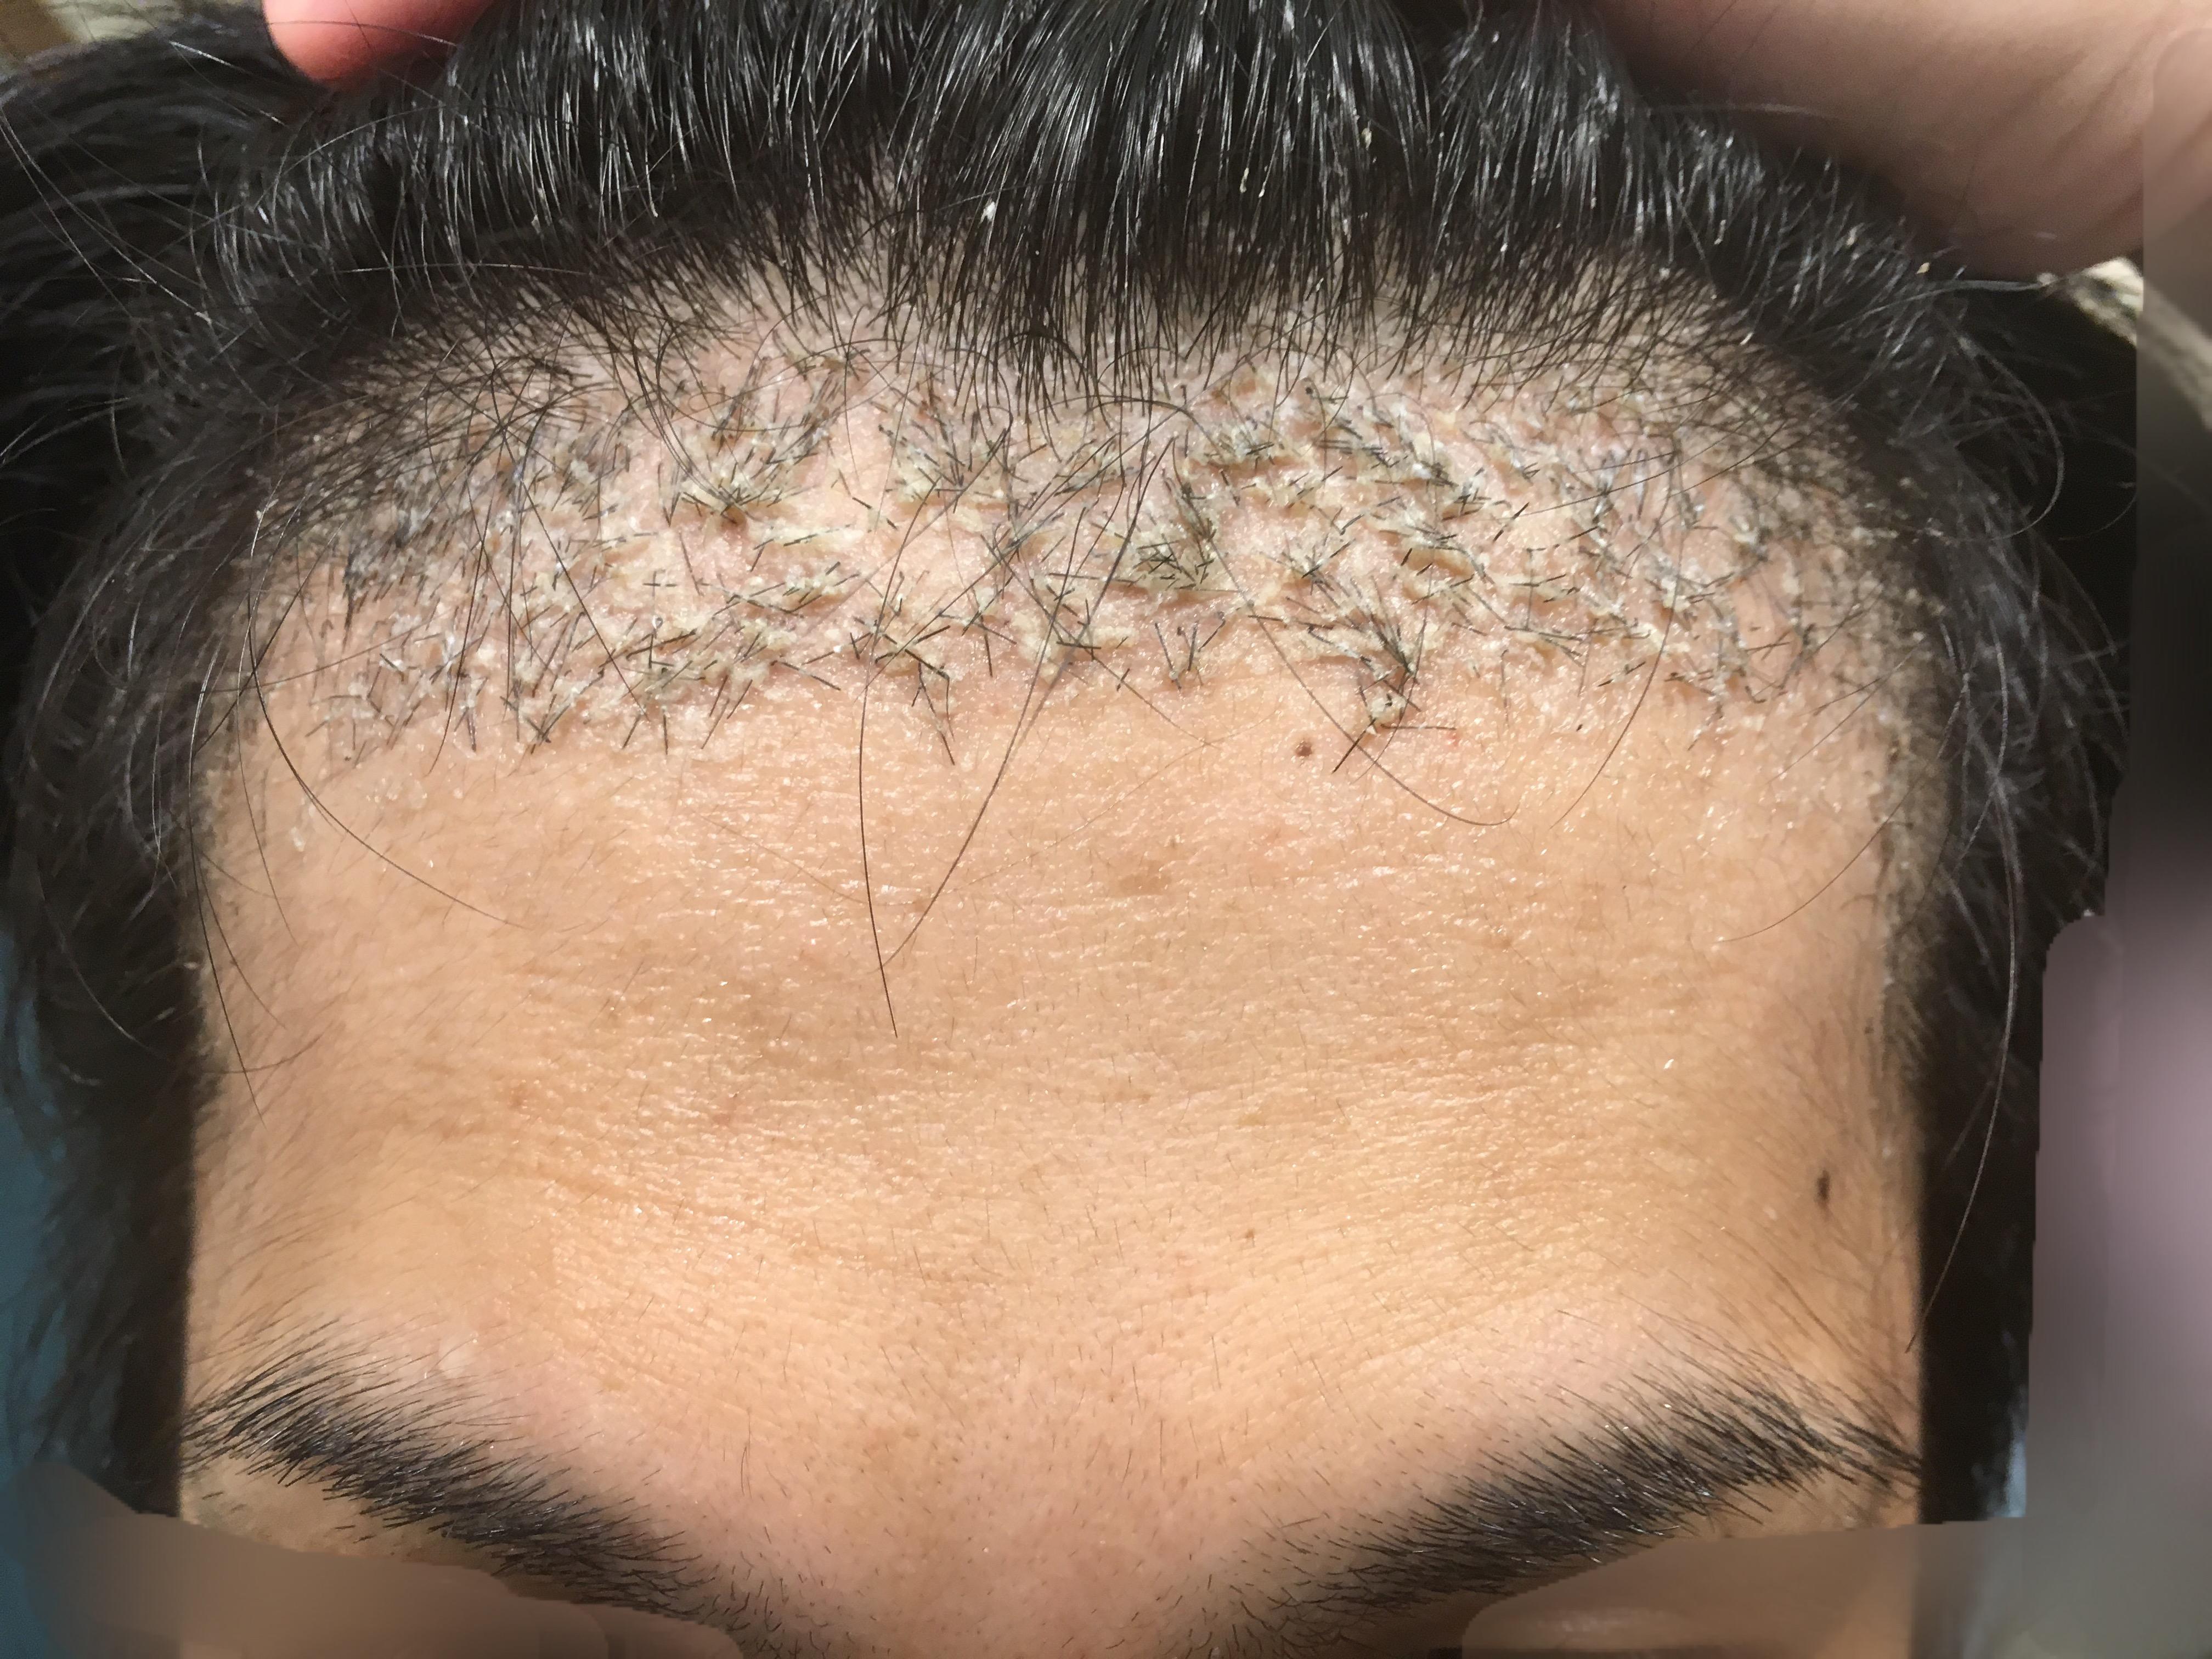 ルーチェクリニック植毛後1ヶ月後の前頭部(生え際)